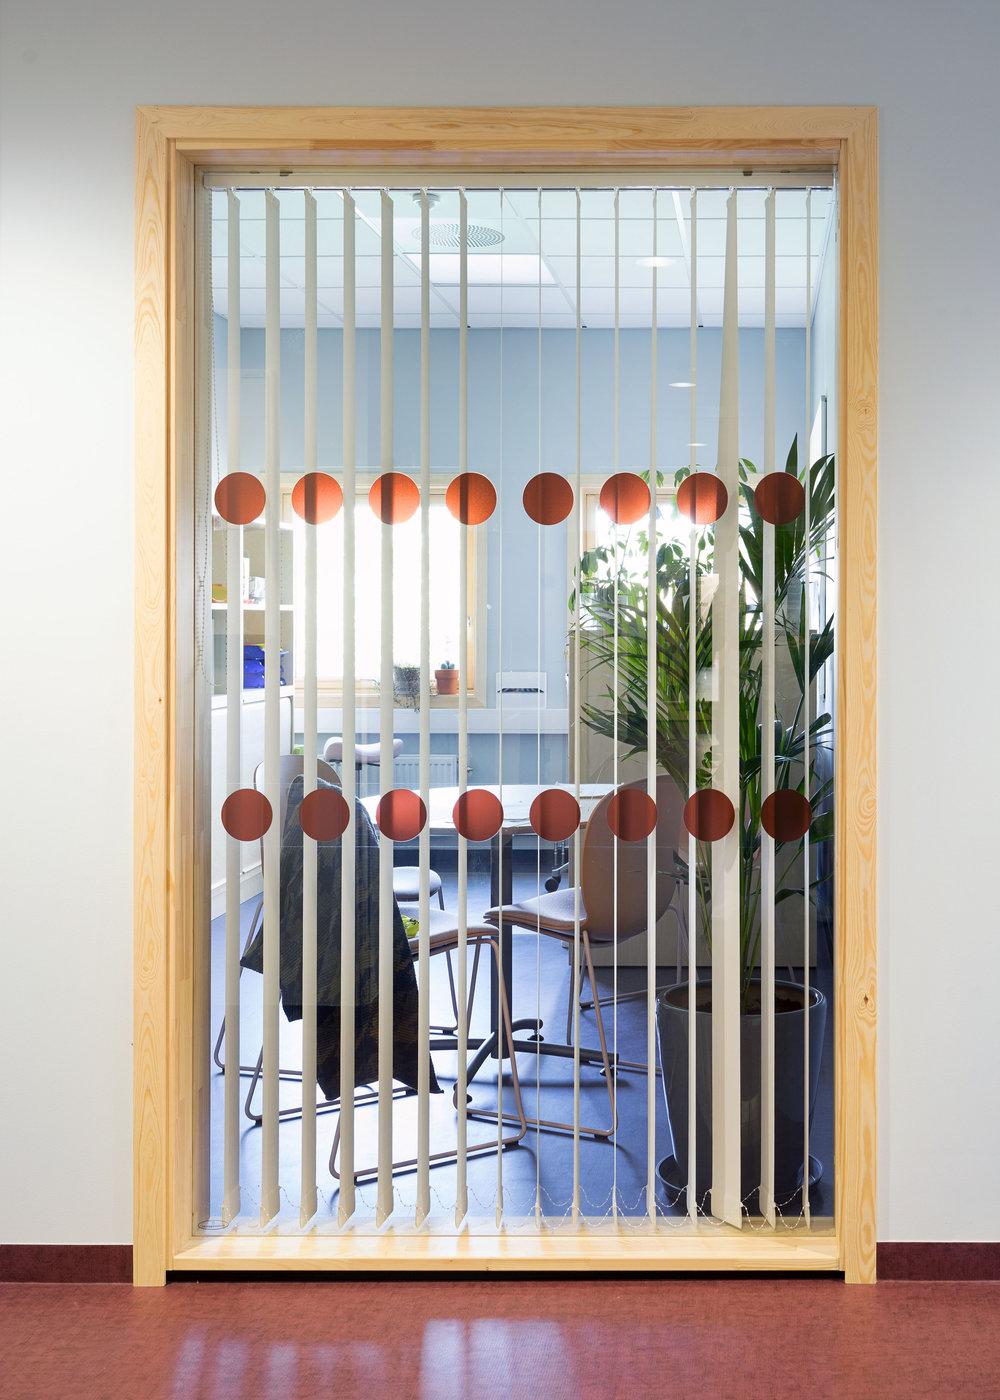 Planforum Arkitekter_Hebekk skole_Kontor_Foto Eli Haugen Sandnes.jpg